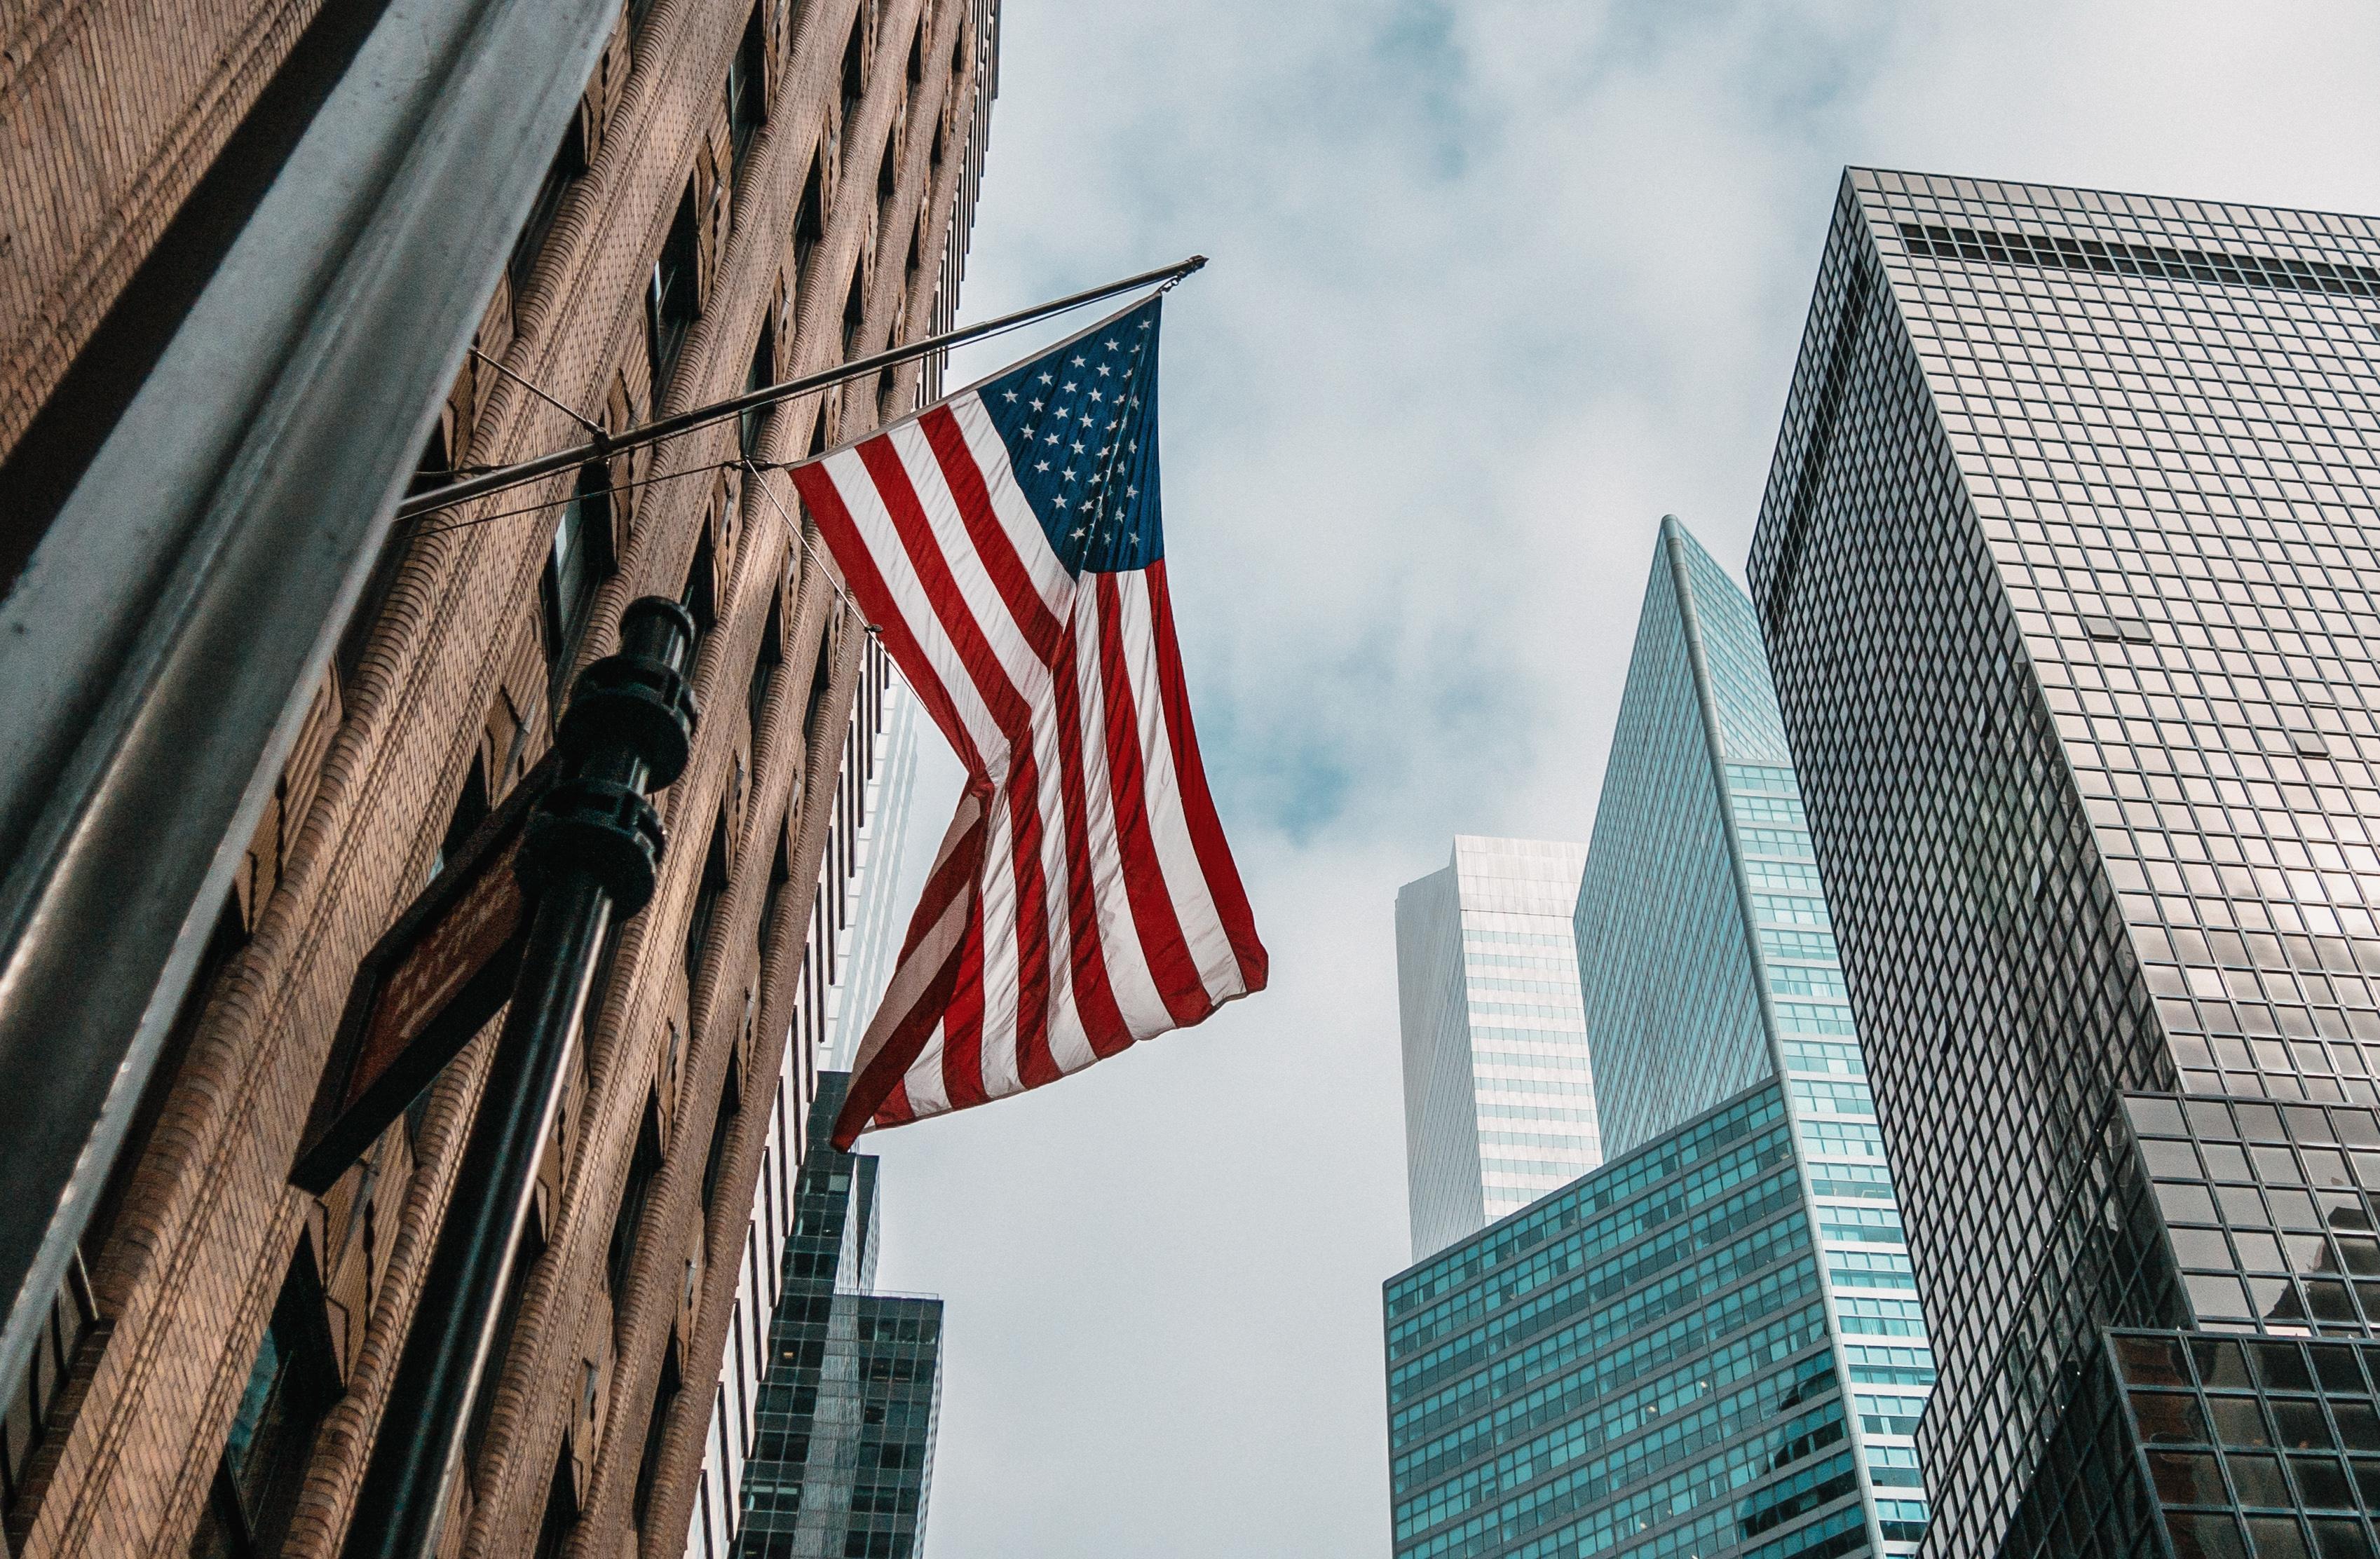 С 12 мая прекращается выдача виз США выдачу виз для недипломатических поездок